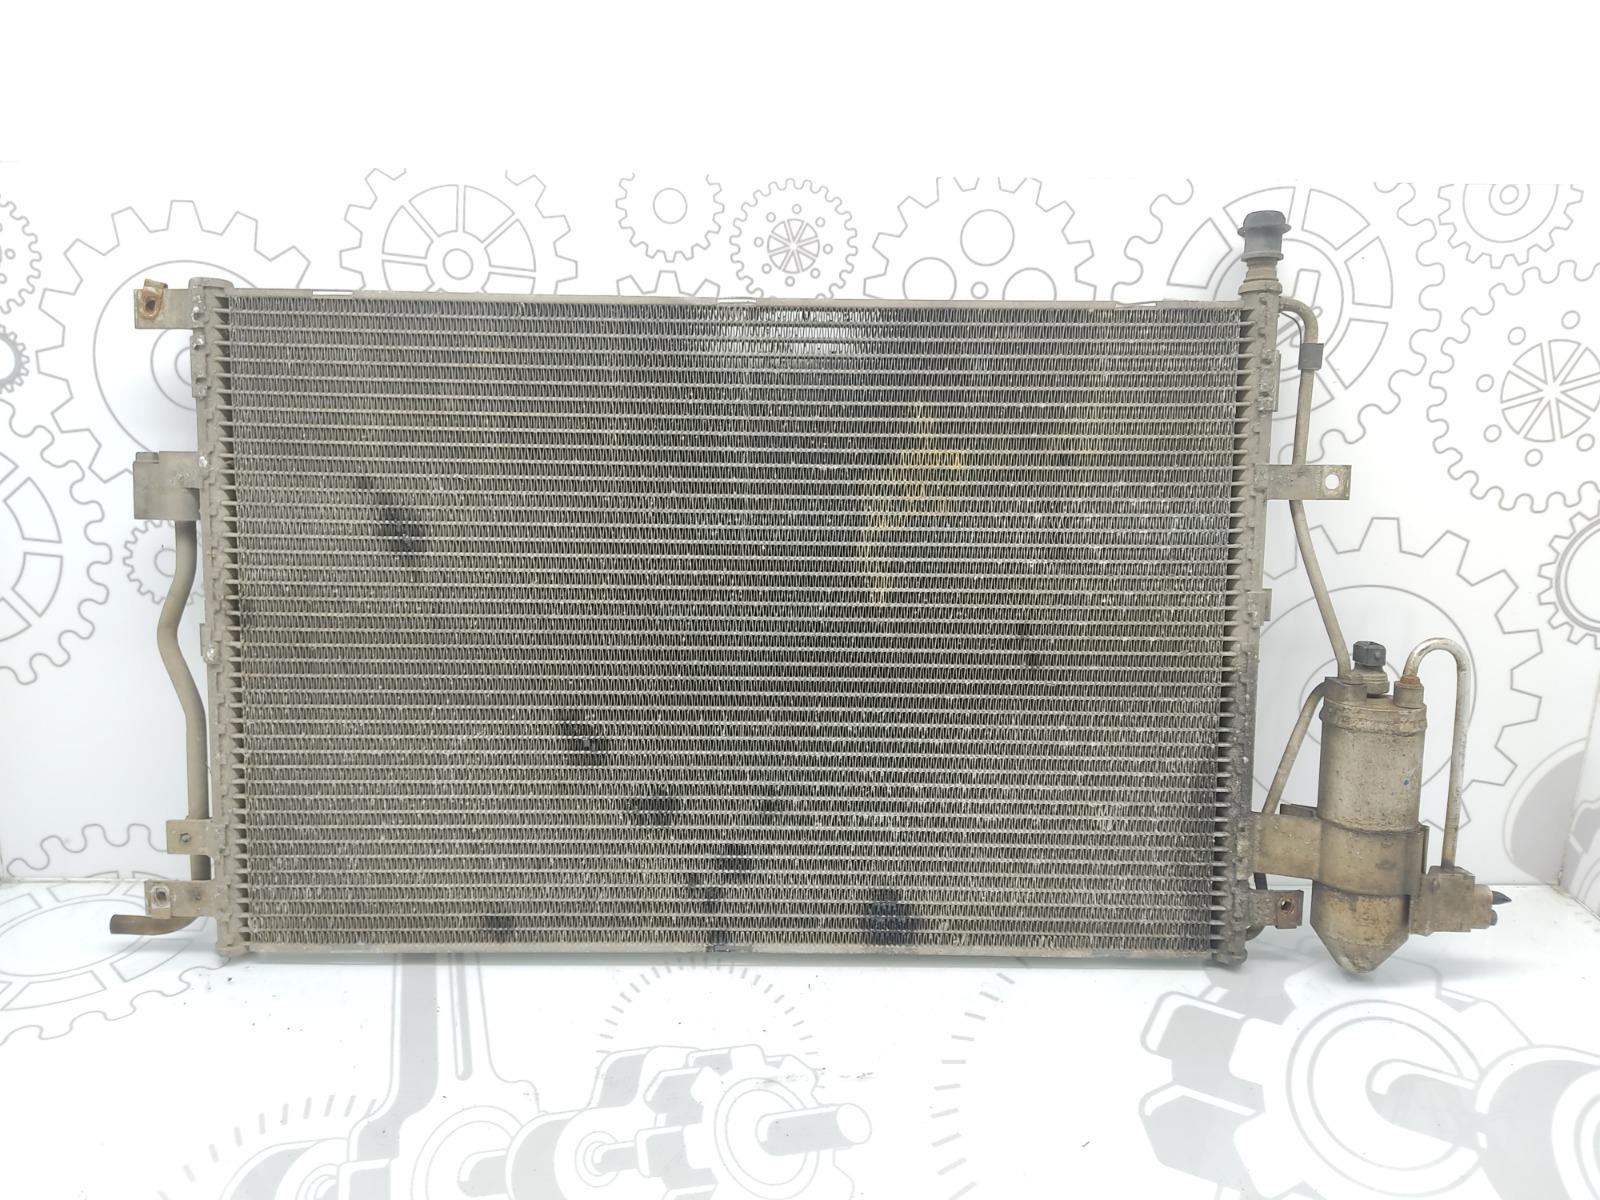 Радиатор кондиционера Volvo Xc90 2.4 D5 2004 (б/у)